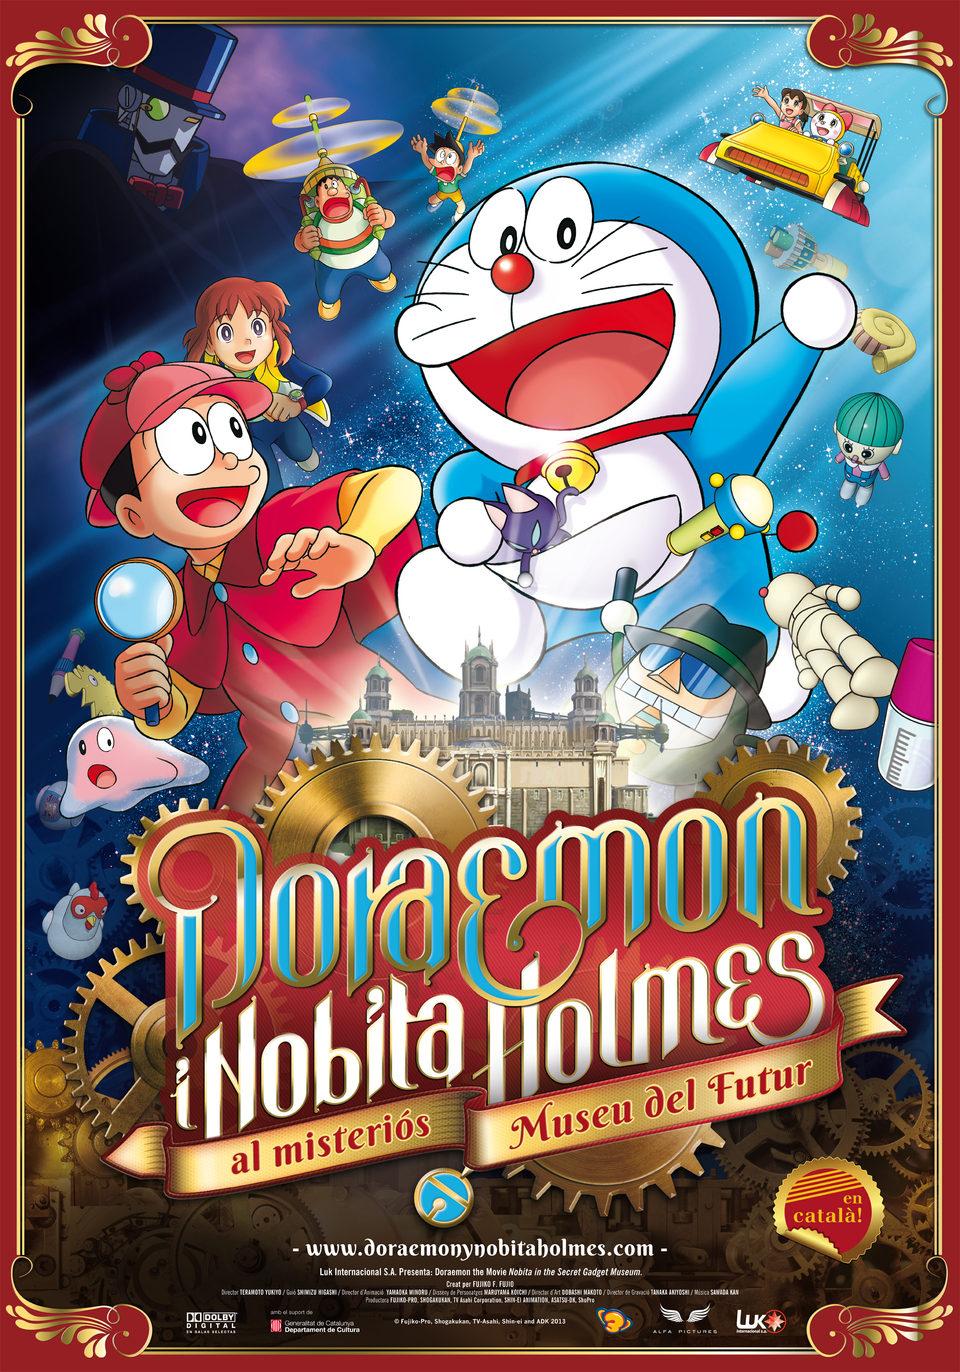 Doraemon y Nobita Holmes en el Misterioso Museo Del Futuro (2013) [Castellano]